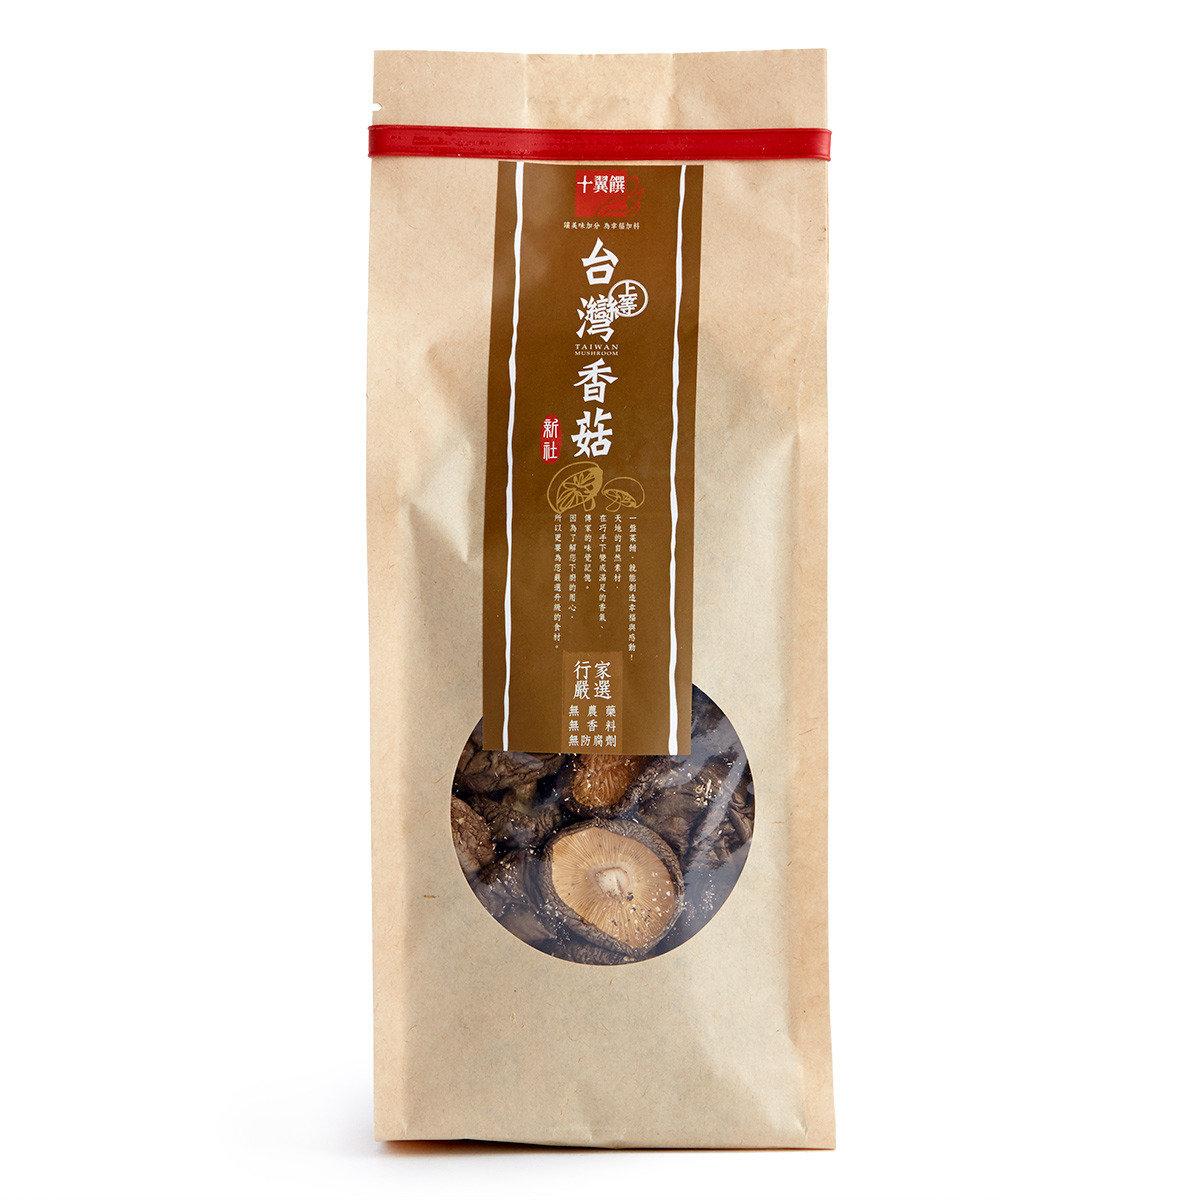 上等台灣香菇